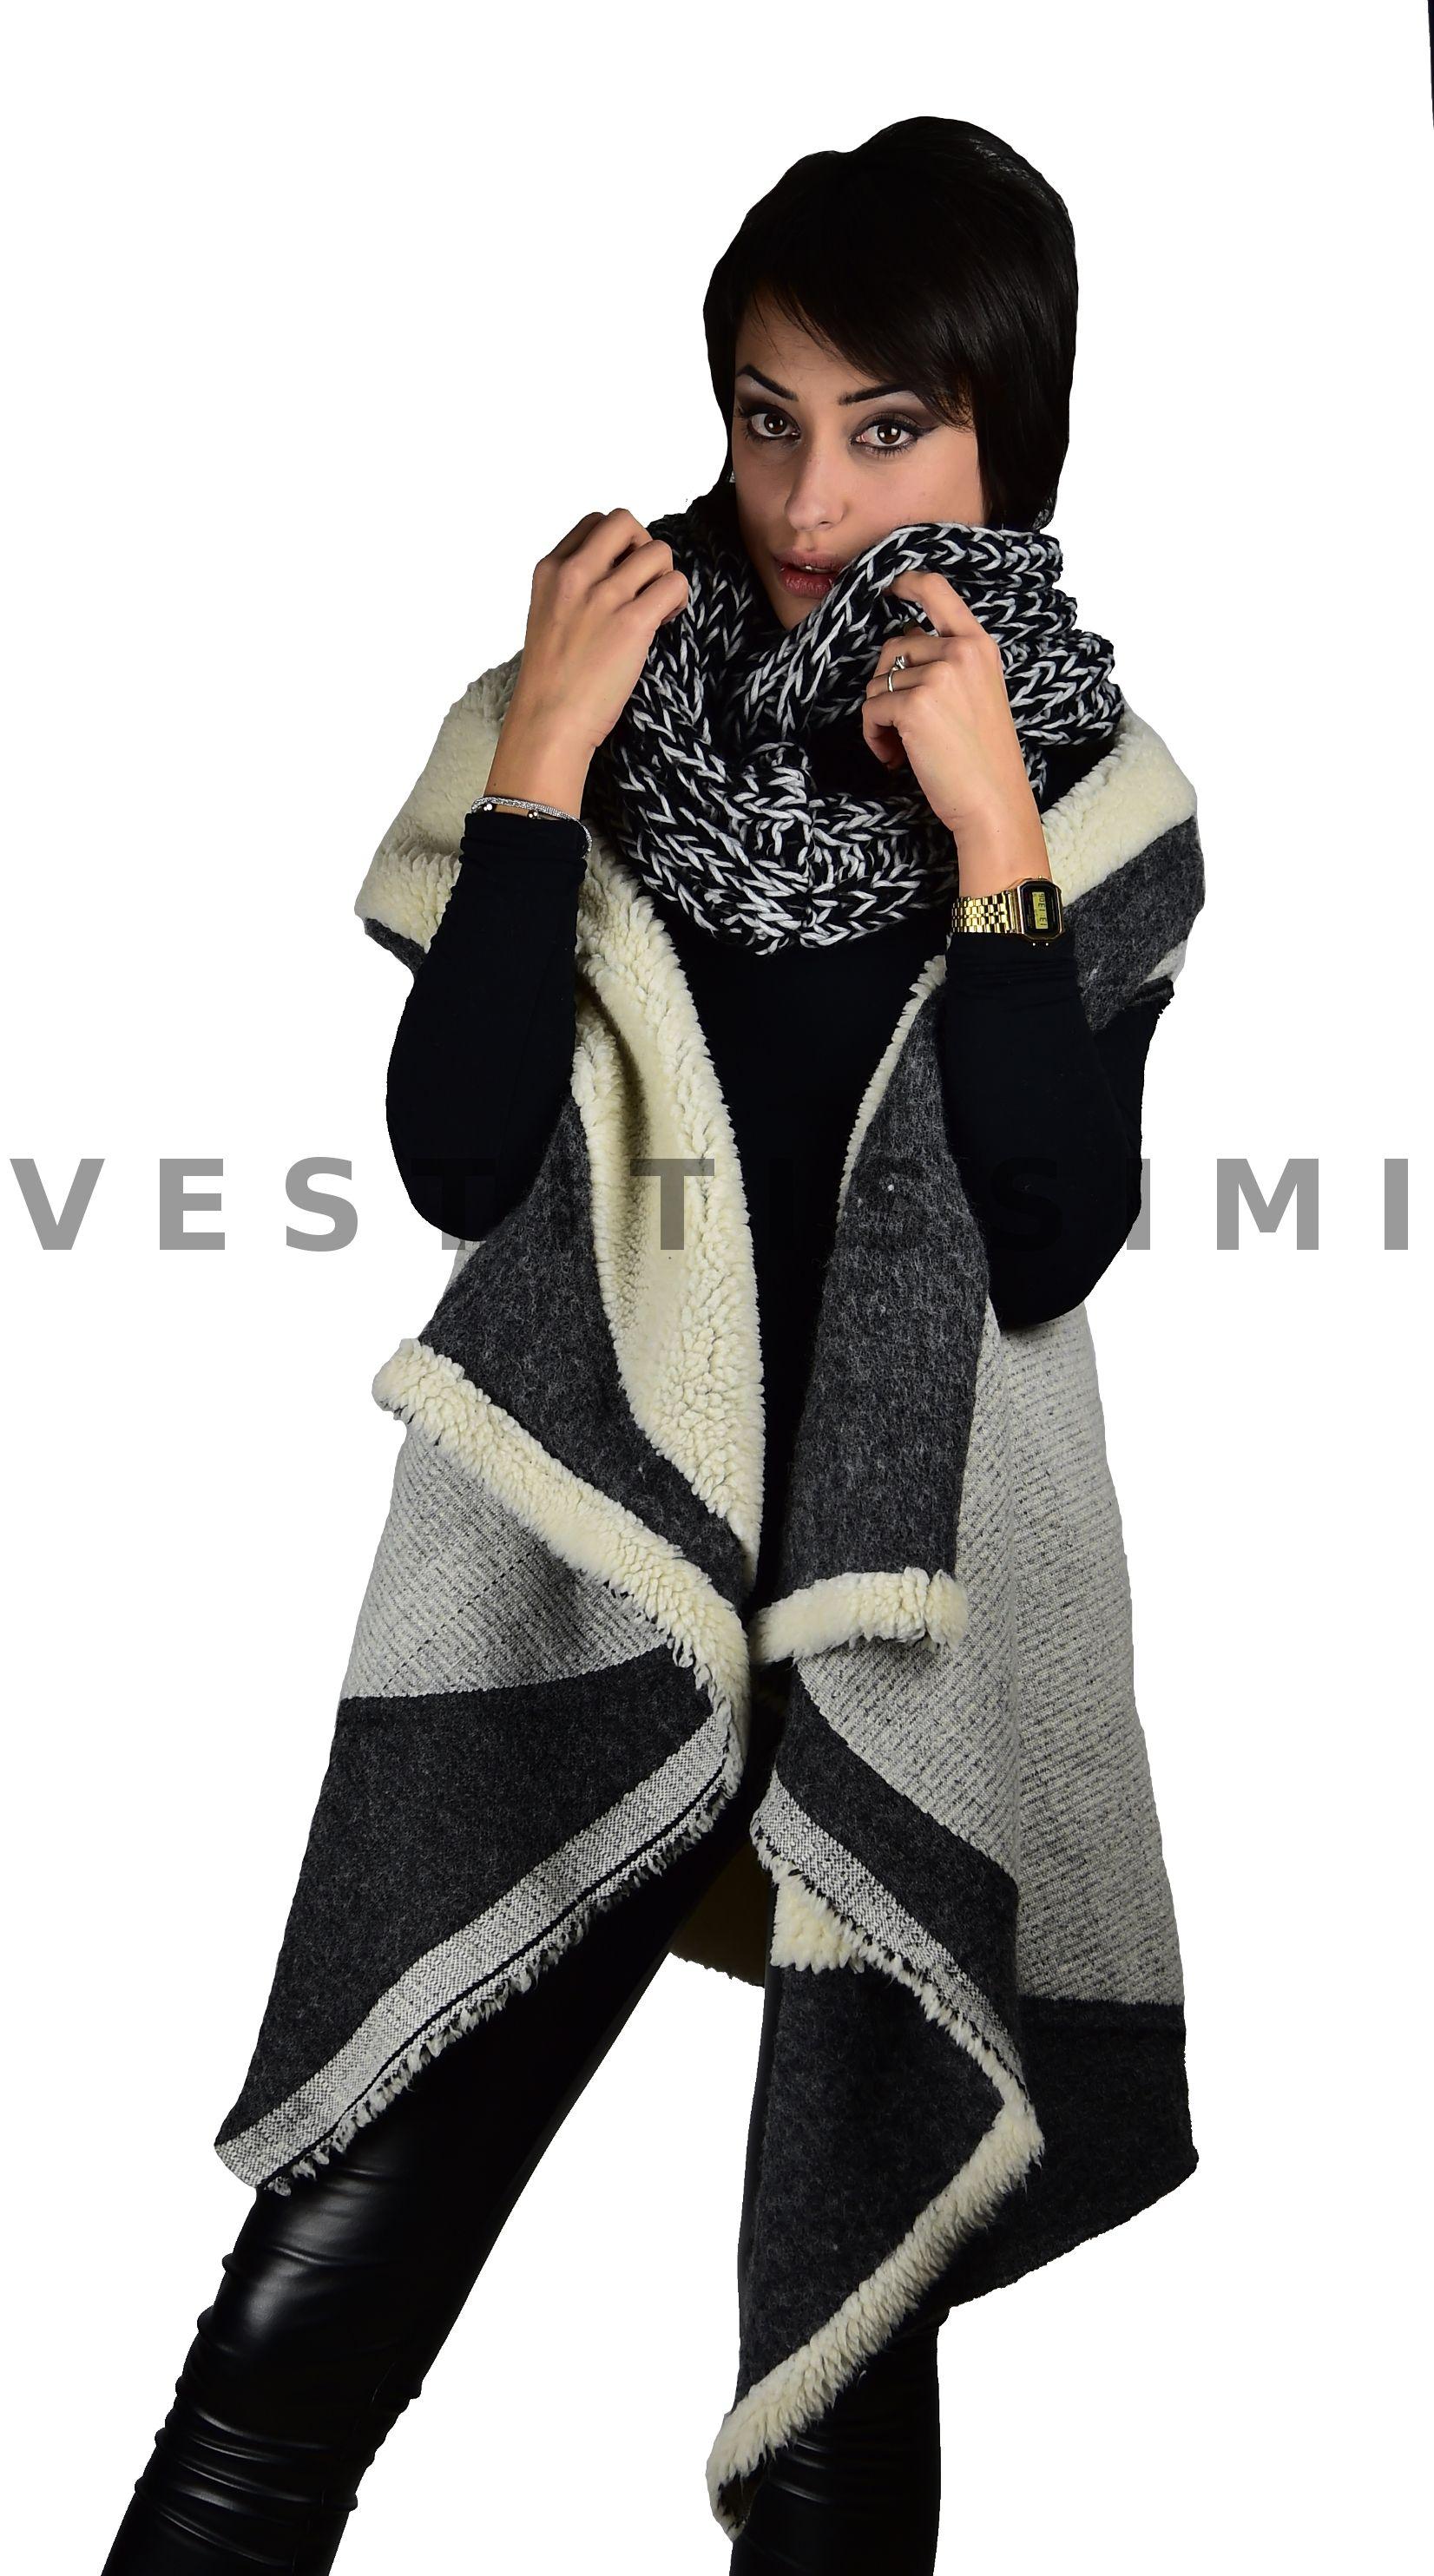 stile di moda del 2019 Garanzia di qualità al 100% vendita limitata Sciarpa scaldacollo donna lana fascia collo sciarpe anello ...